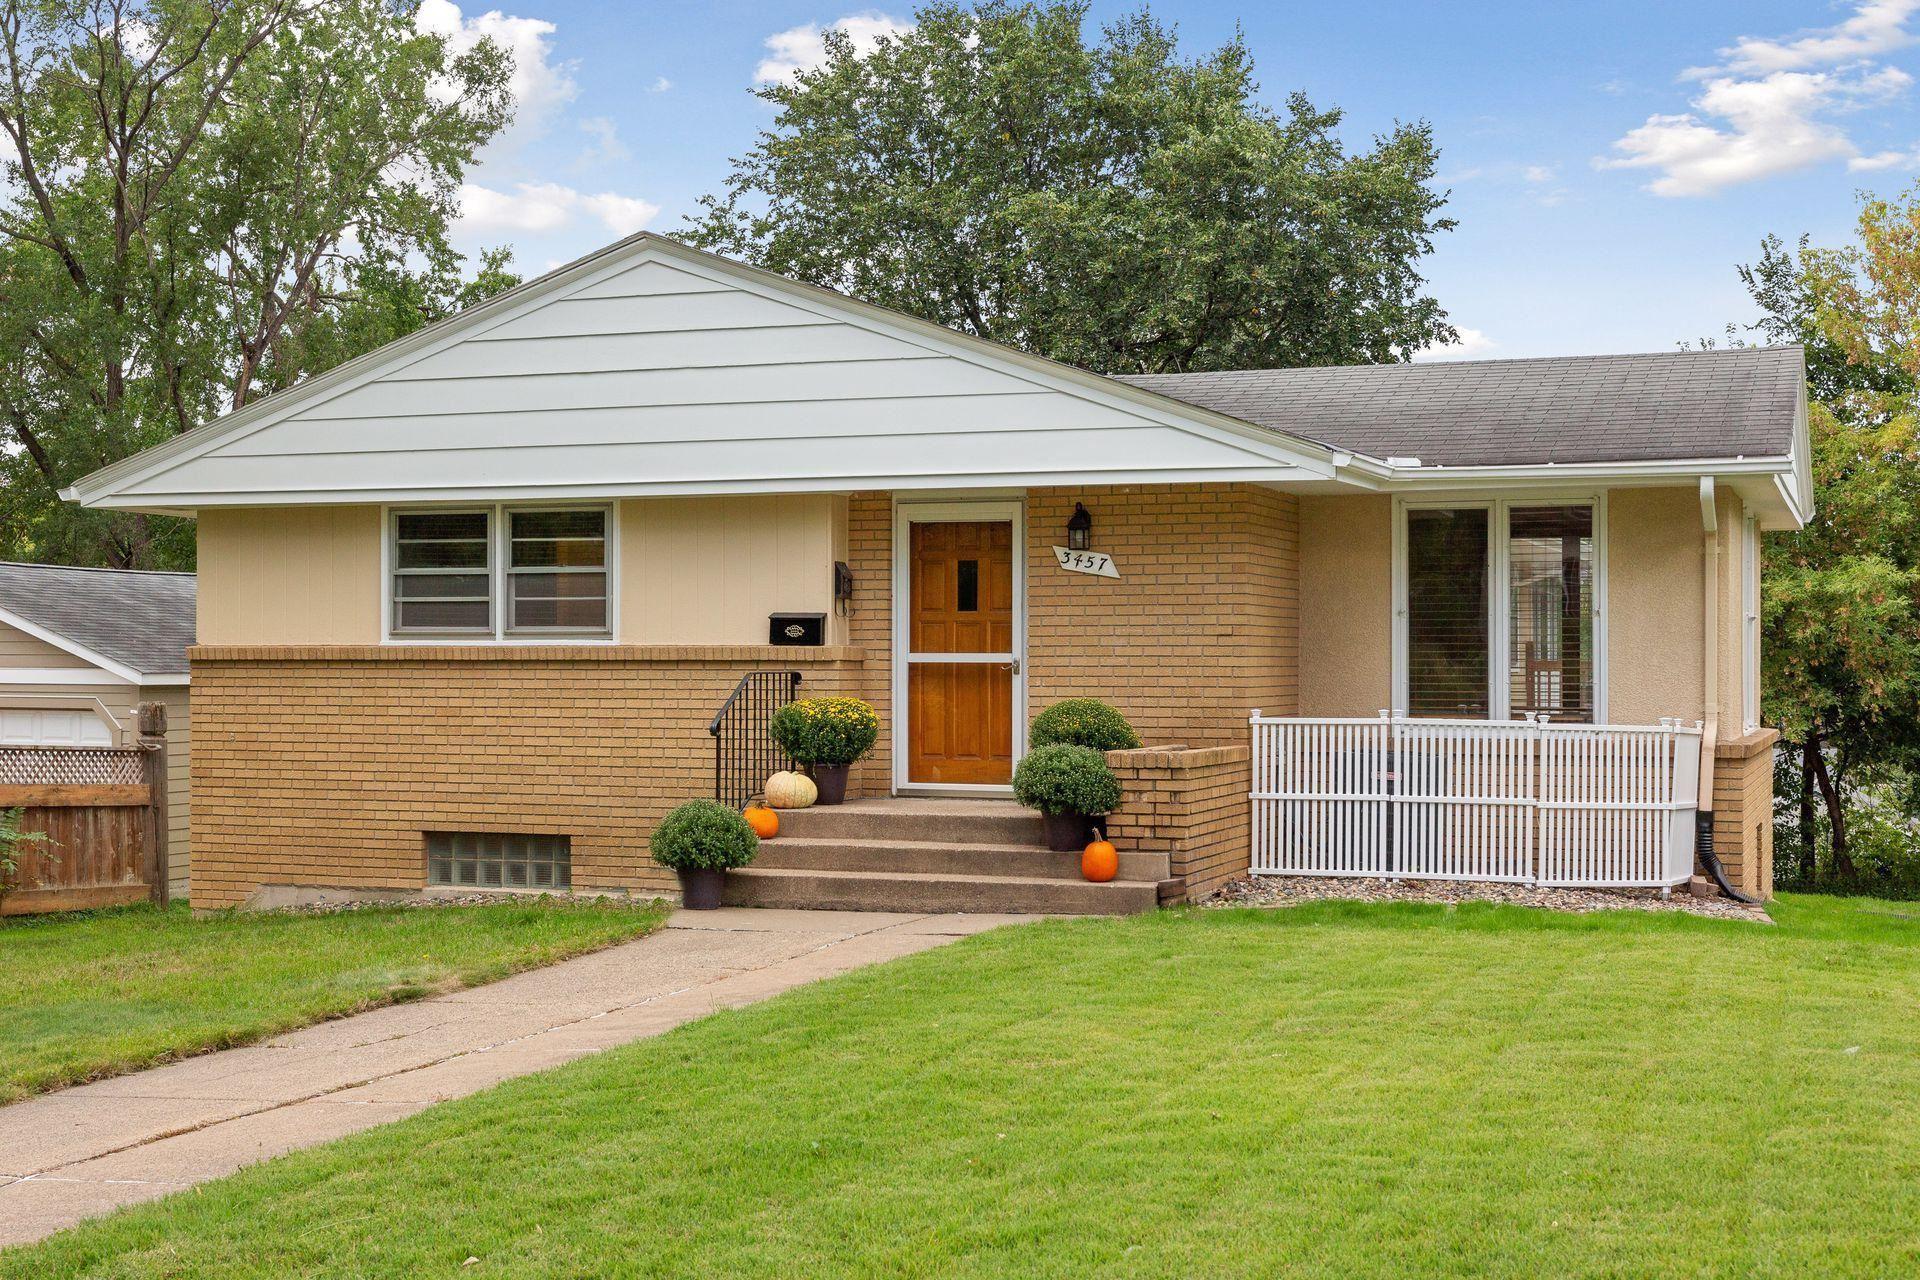 3457 Perry Avenue N, Crystal, MN 55422 - MLS#: 6099544